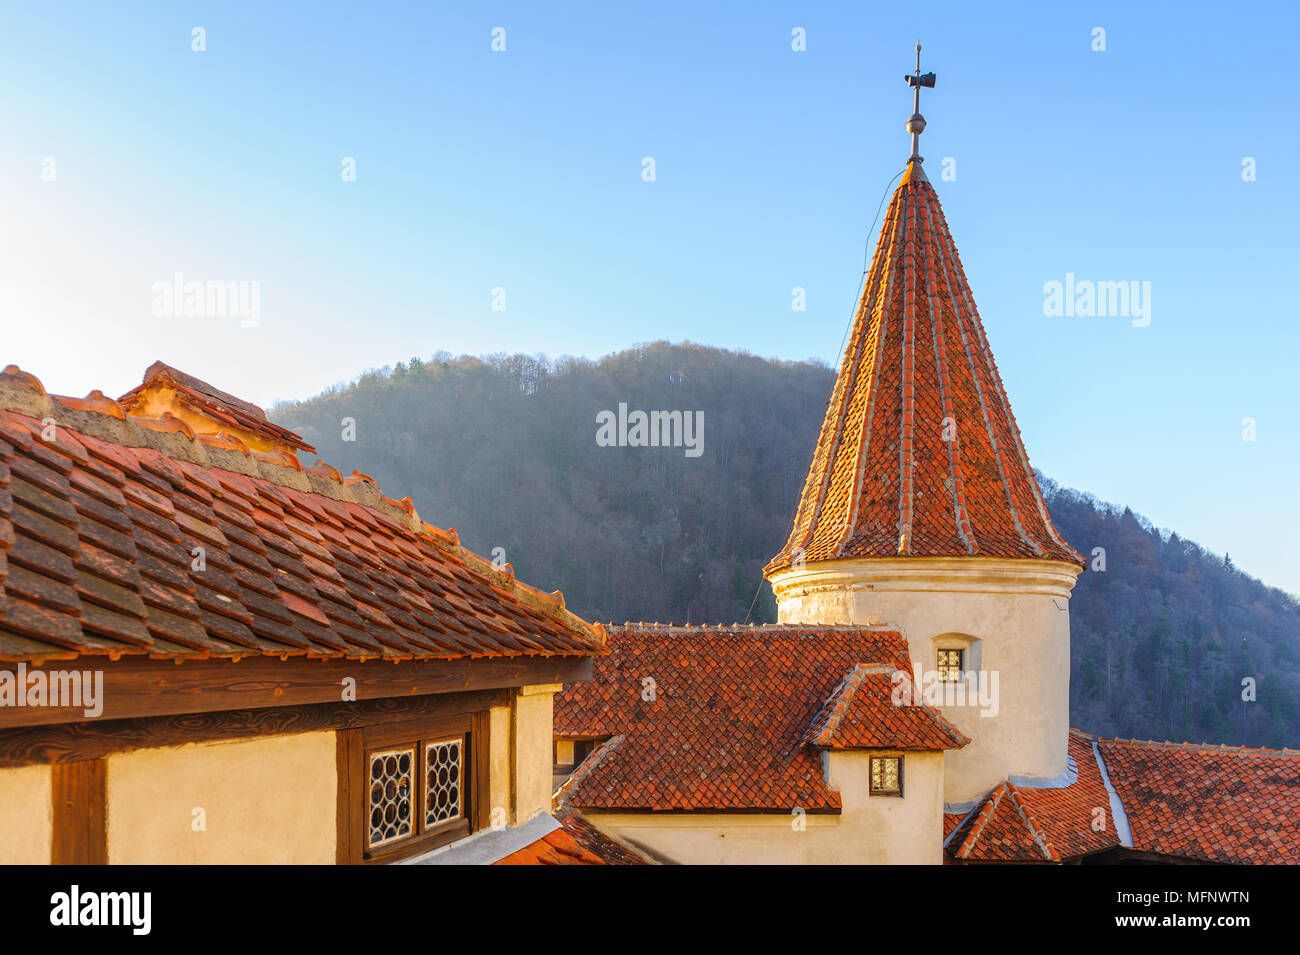 Turm der Burg Bran, Siebenbürgen, Rumänien Stockbild